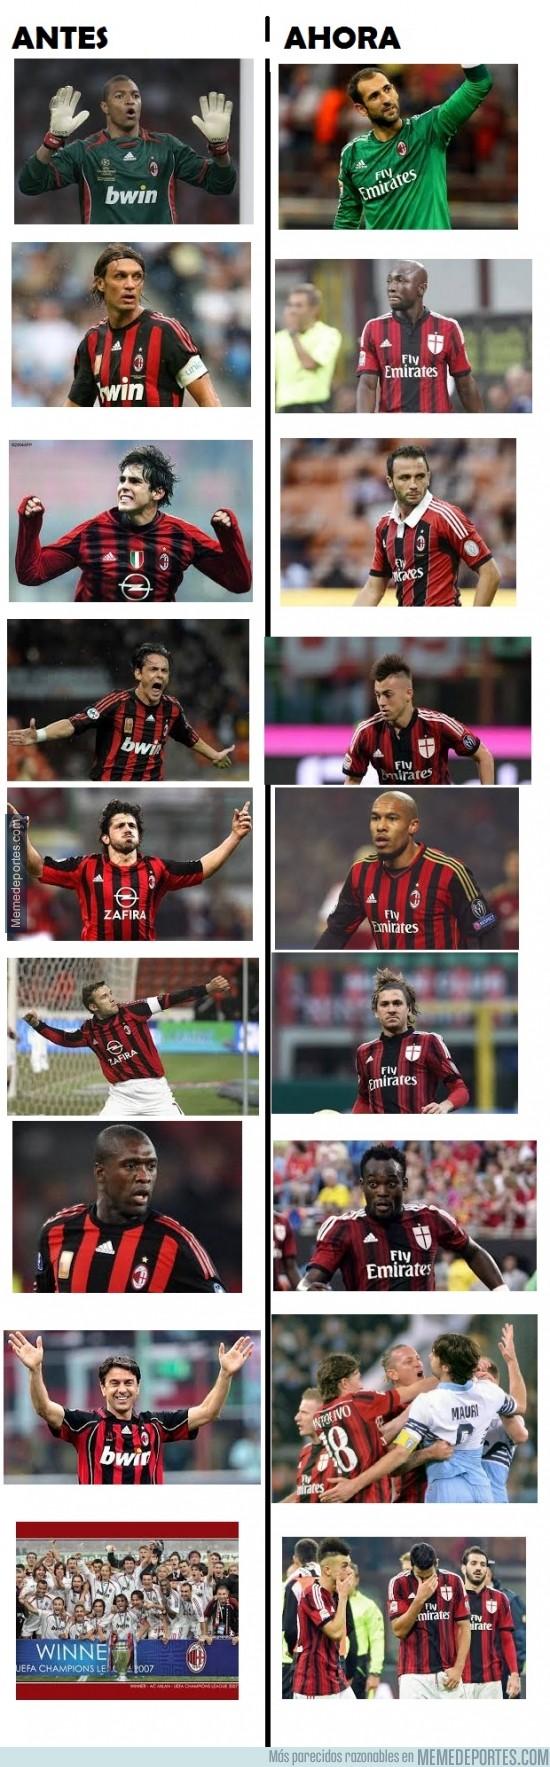 438876 - Si un aficionado del Milan, ve esta comparación, rompe a llorar